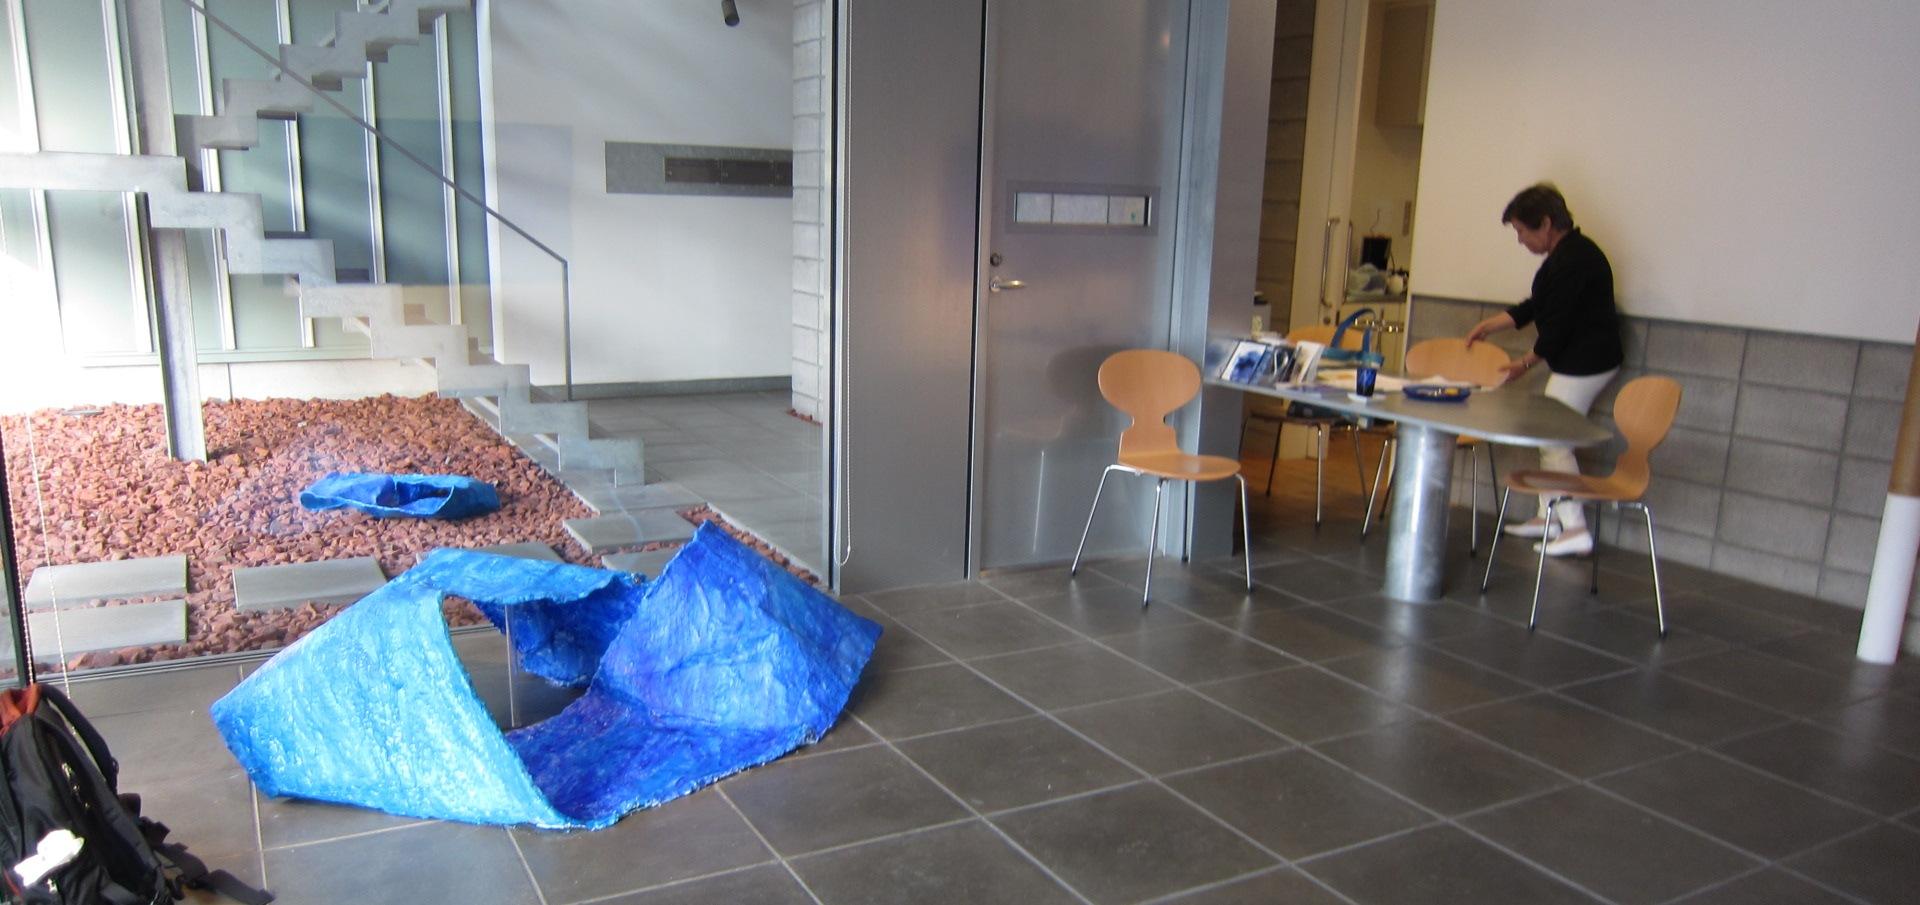 2434) 「後藤和子展 『青の災禍』」 創 7月30日(水)~8月10日(日)_f0126829_21411358.jpg